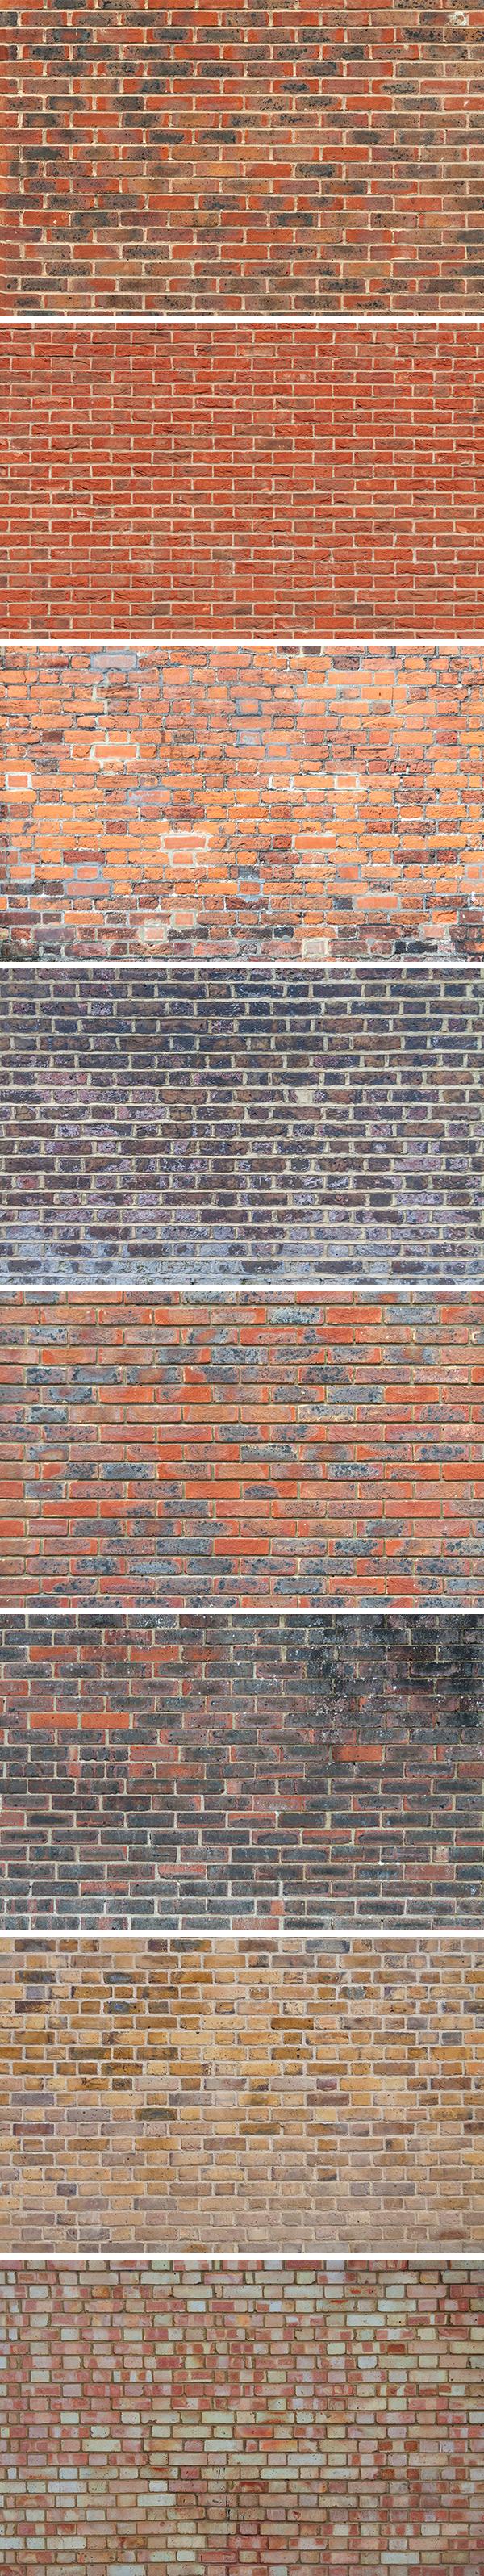 Brick Wall Textures Vol